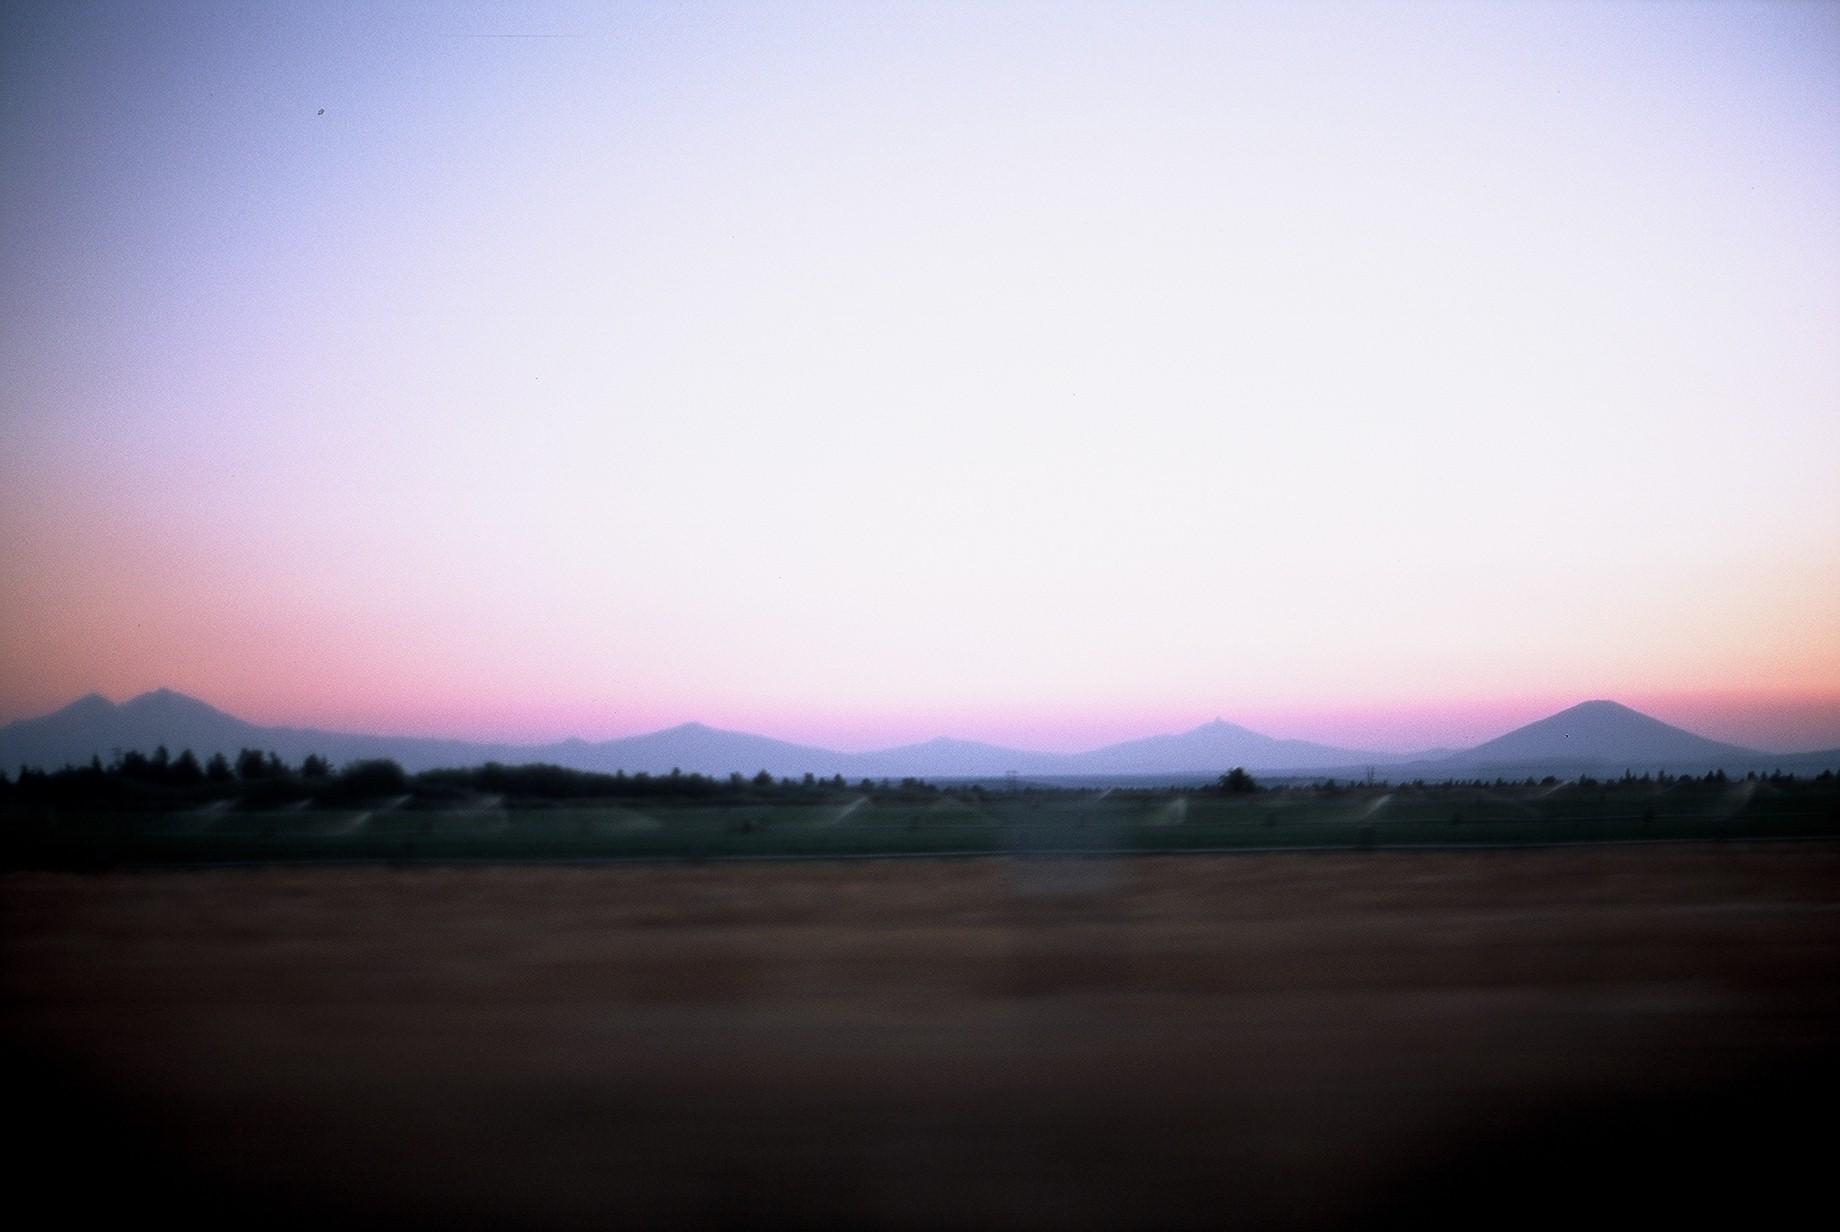 Sister Mountains, Washington, 2012.